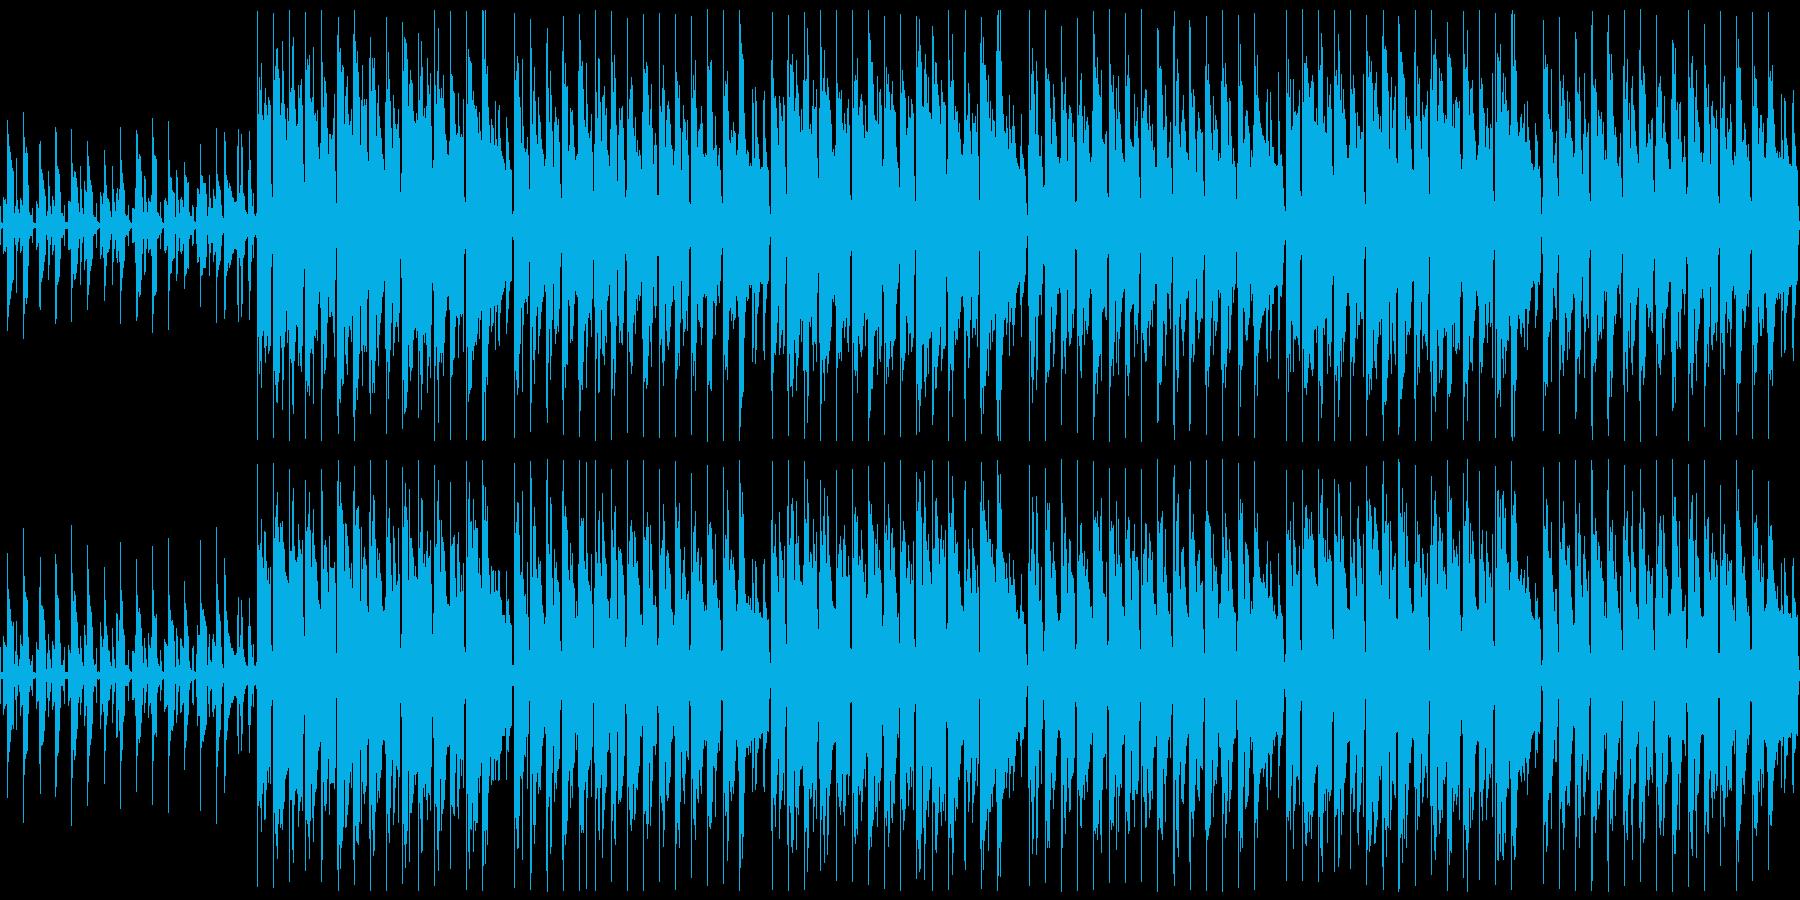 ハッピーなウクレレBGM ループ仕様の再生済みの波形